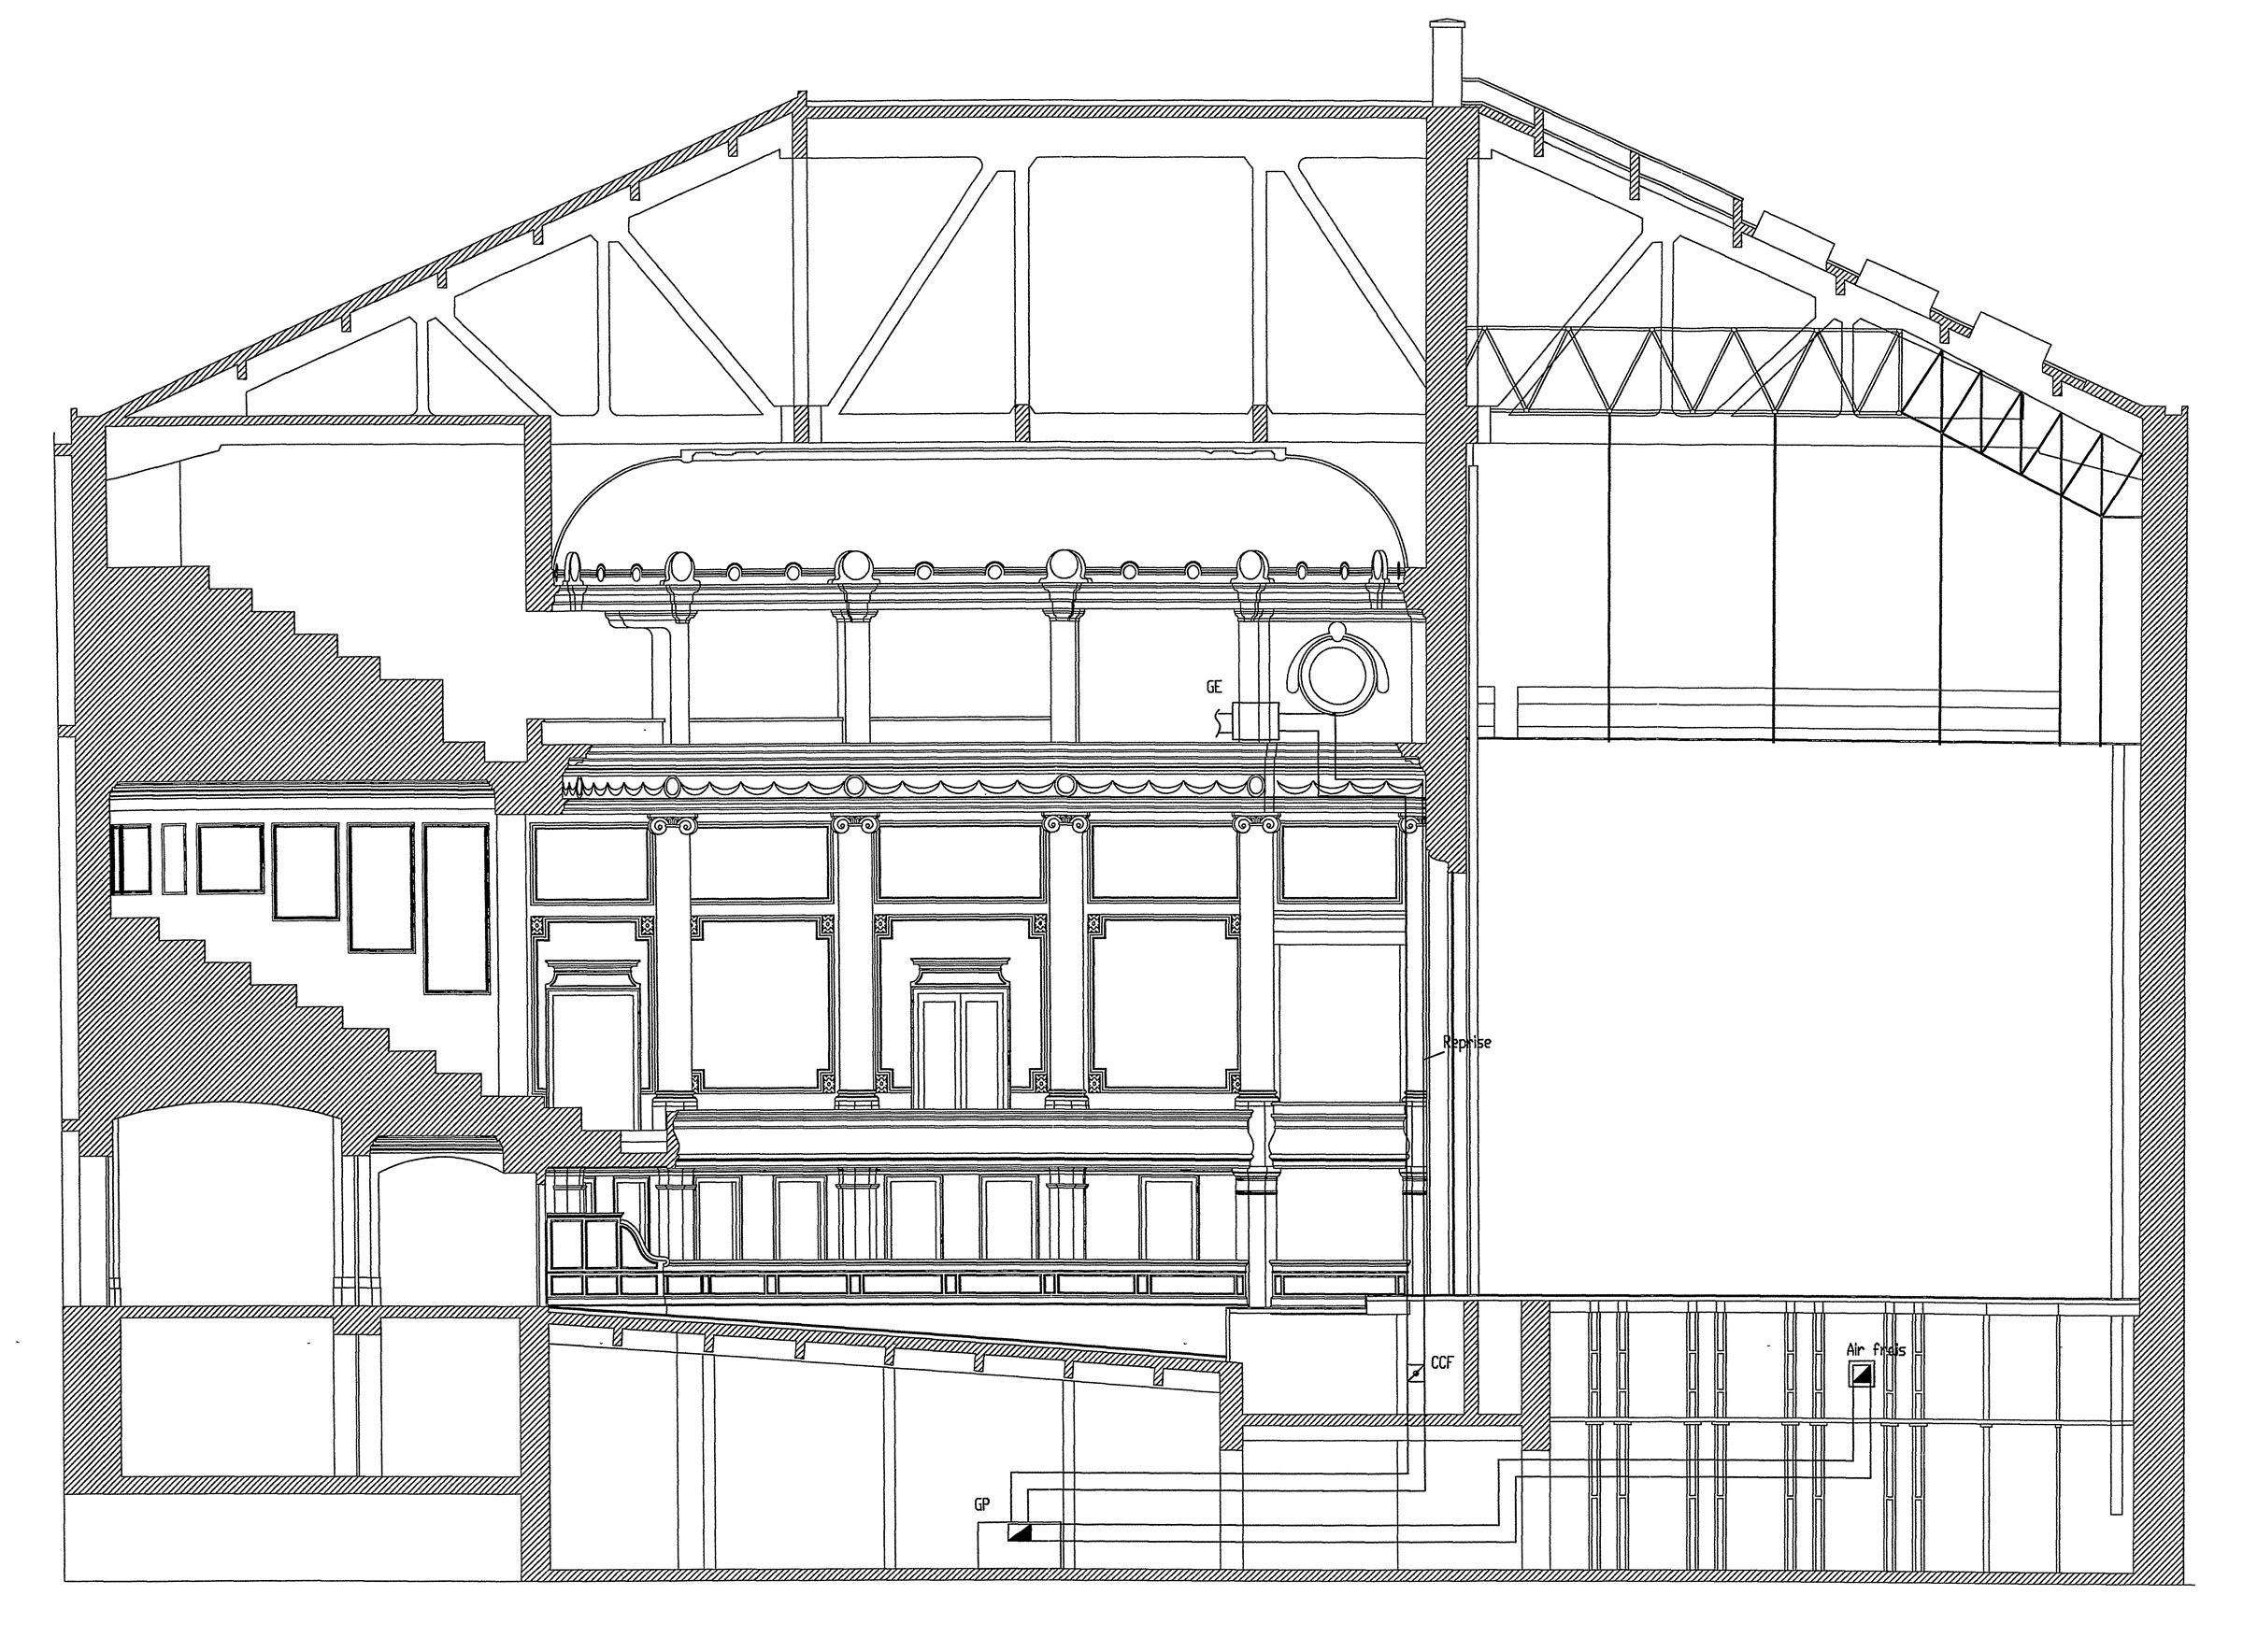 plan coupe théâtre de Spa